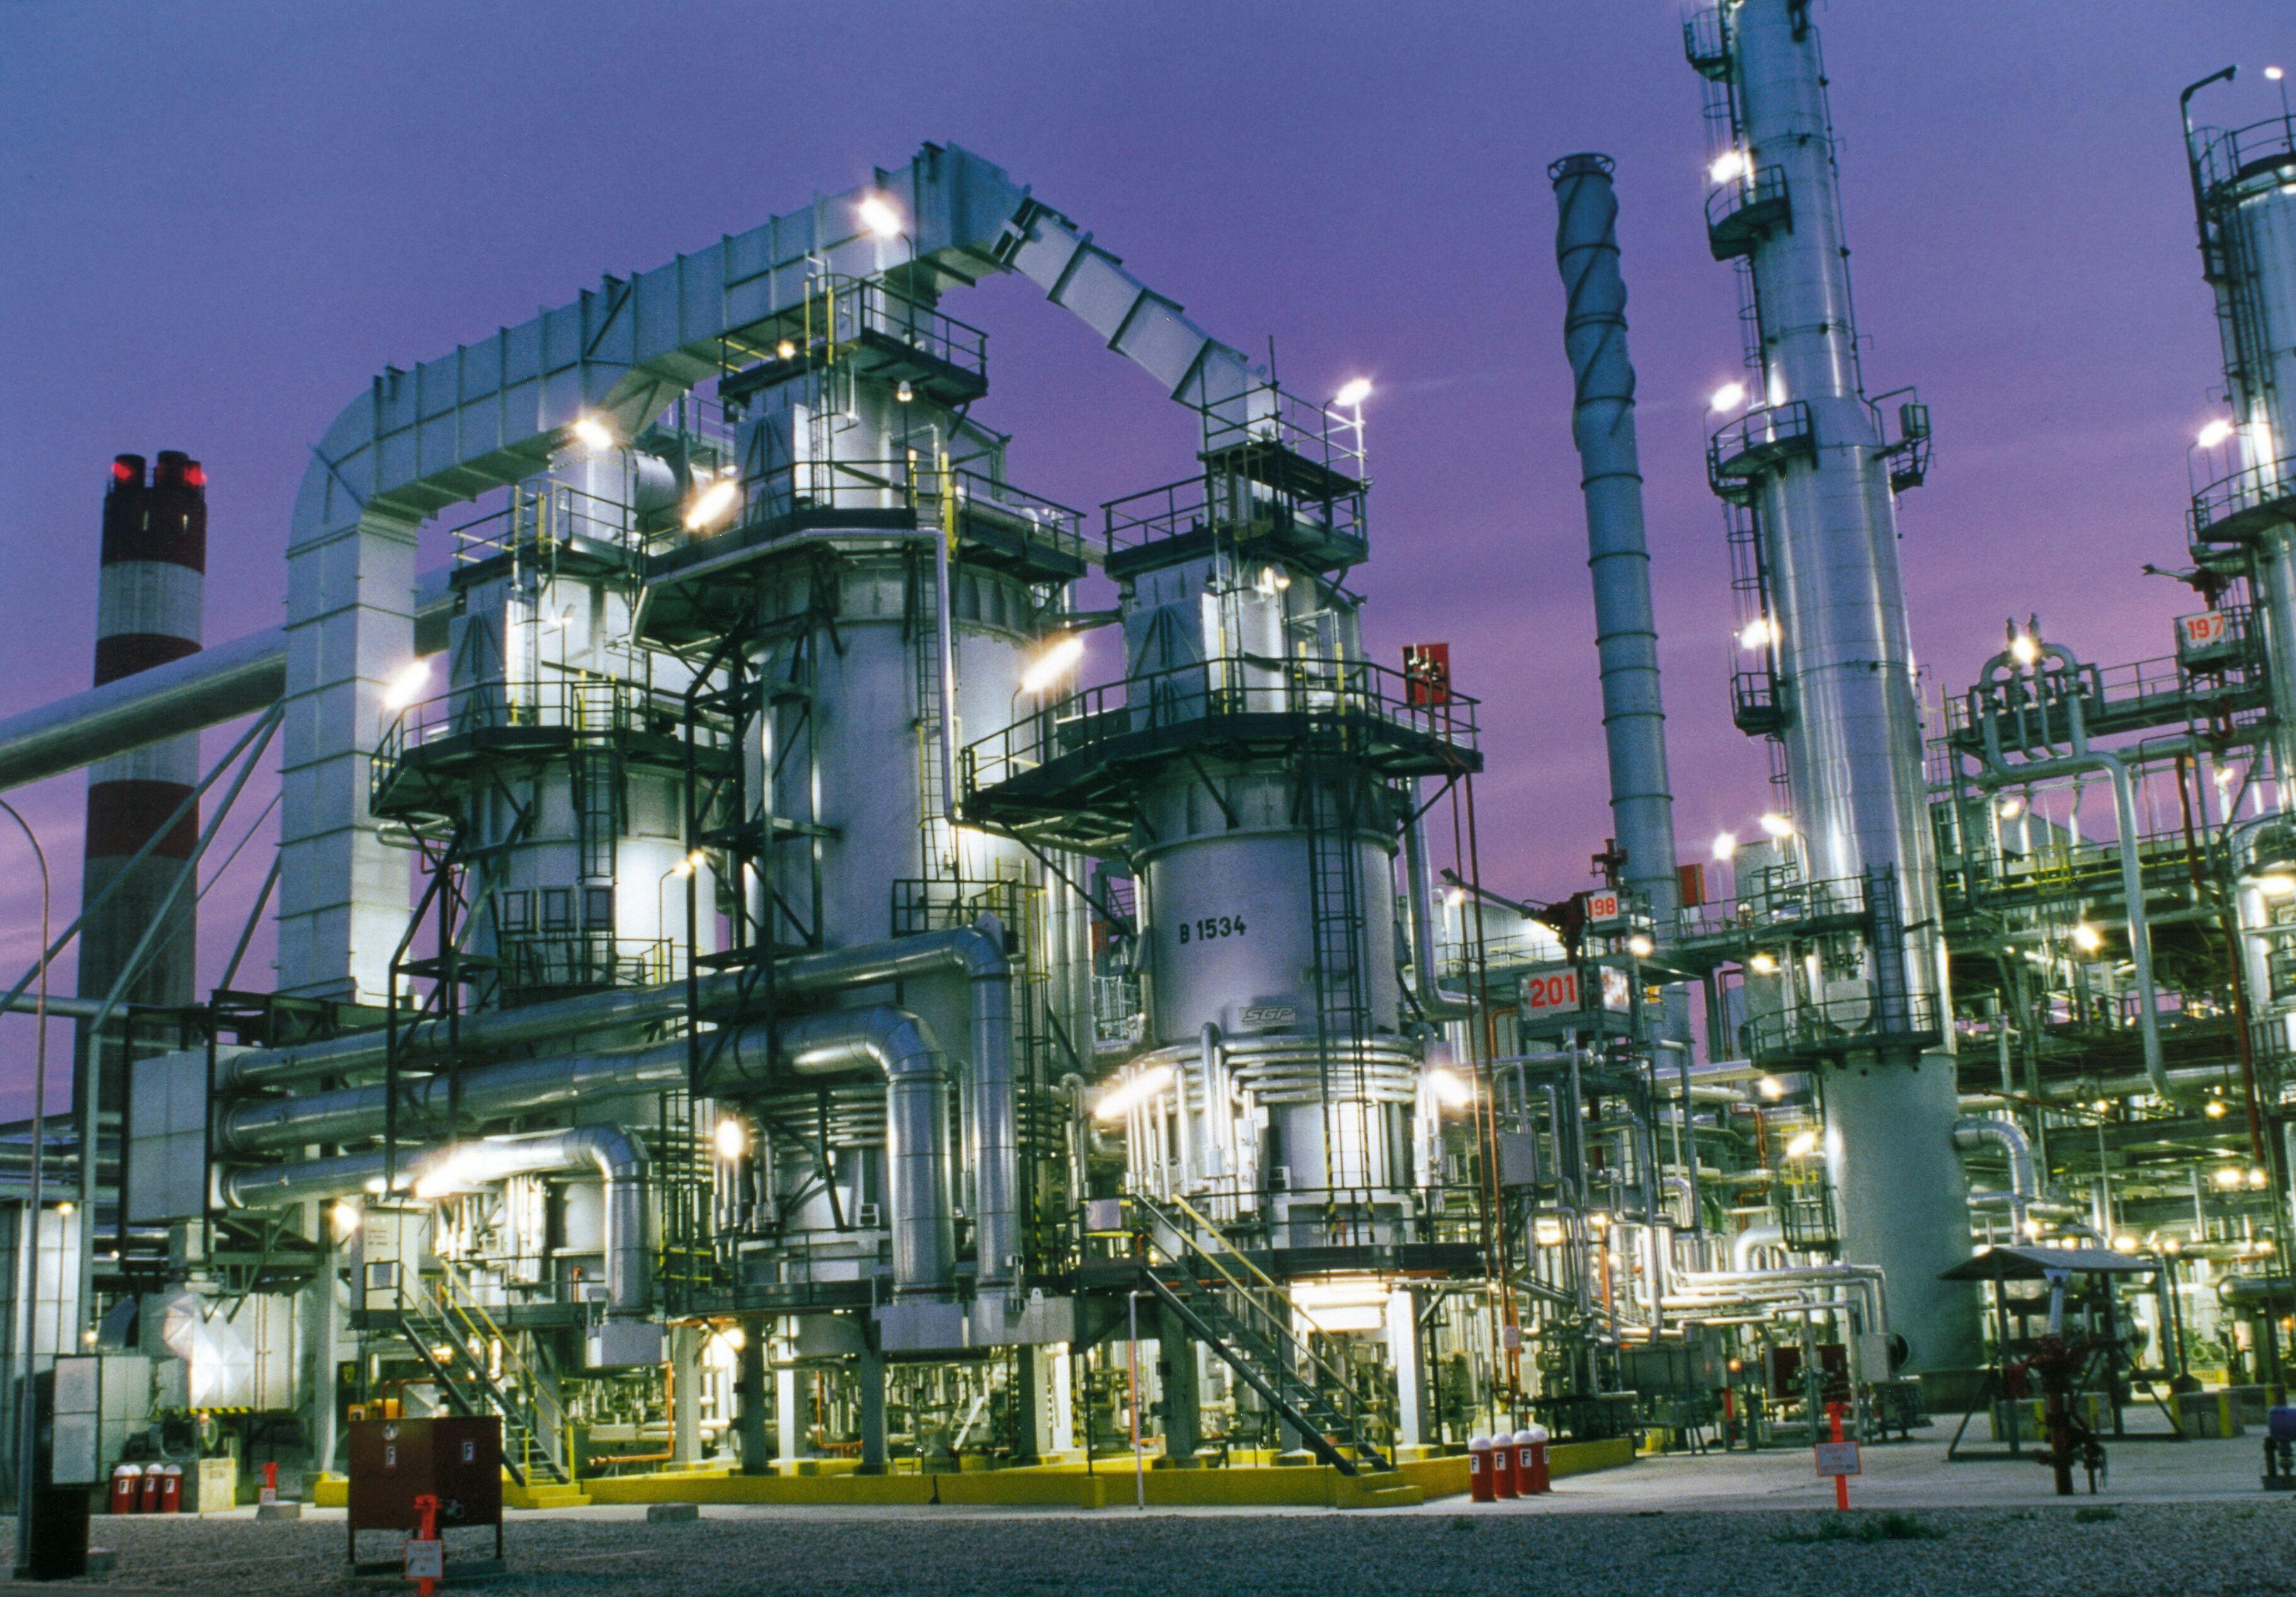 ستاره خلیج فارس اولویت اول وزارت نفت